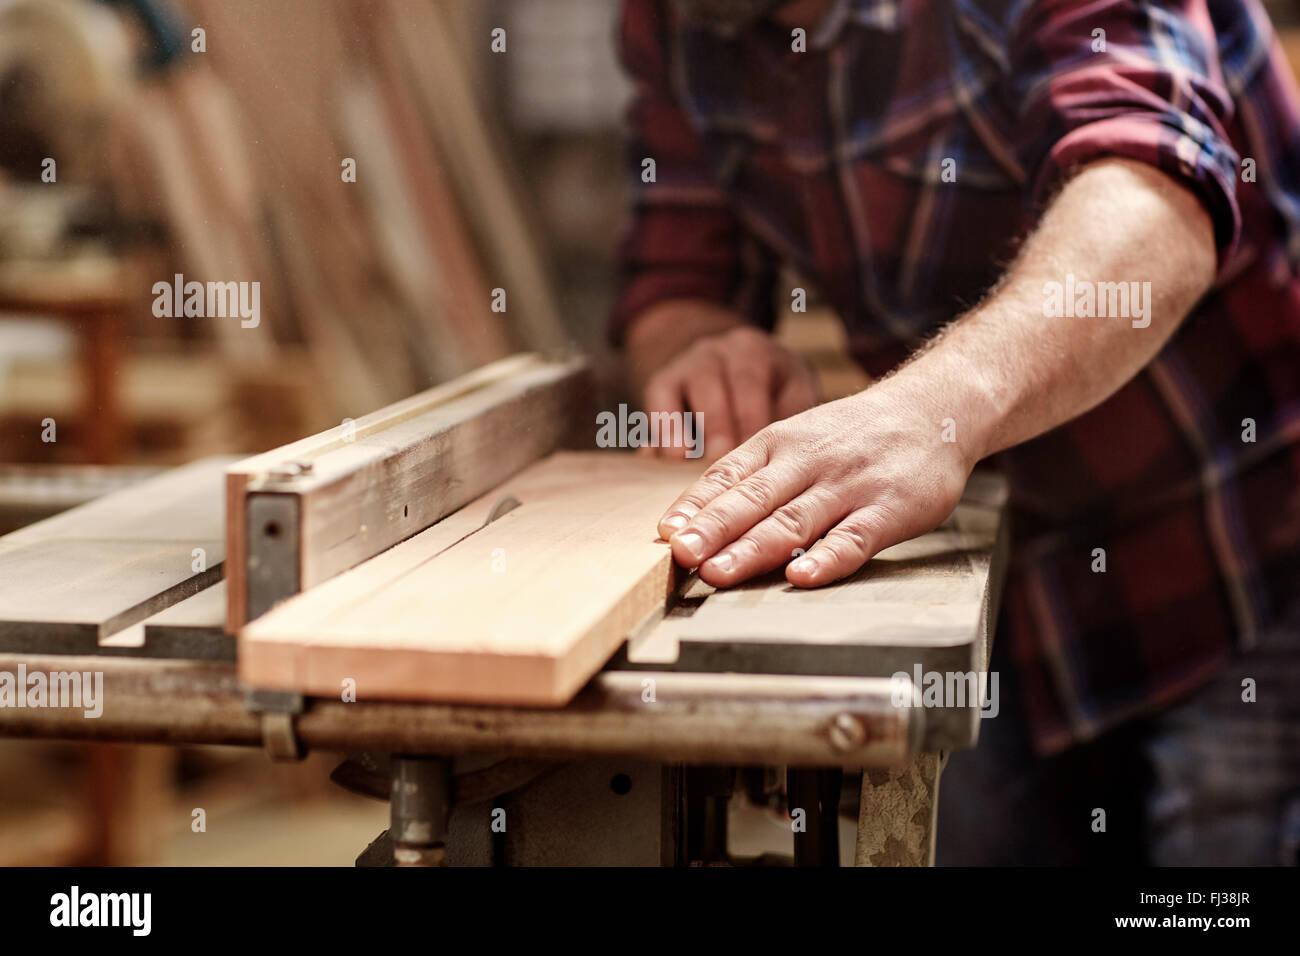 Asse di legno tagliato con una sega circolare in officina Immagini Stock